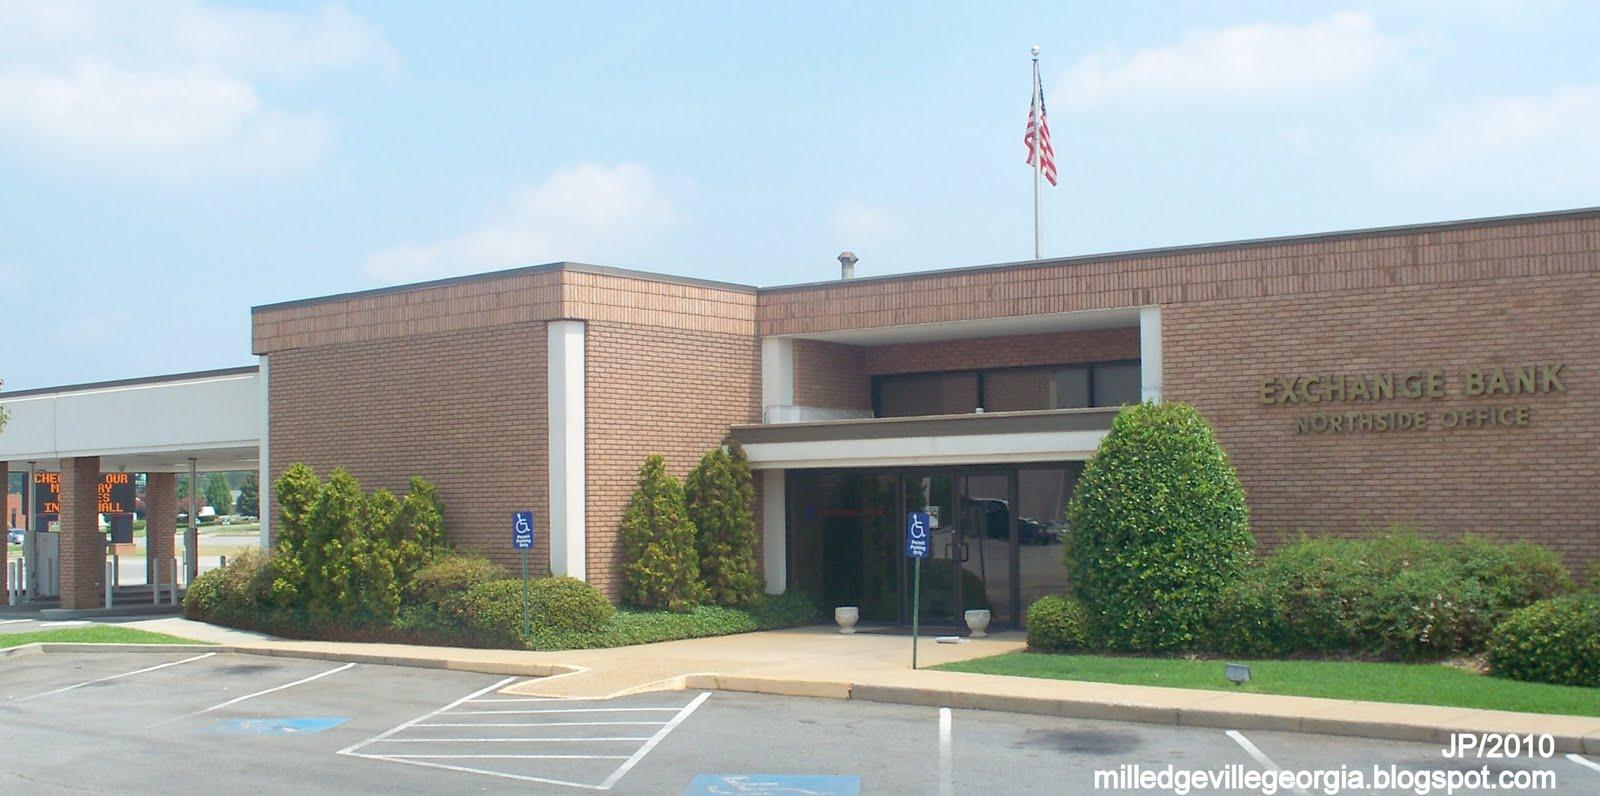 Milledgeville Ga College Church Hospital Restaurant